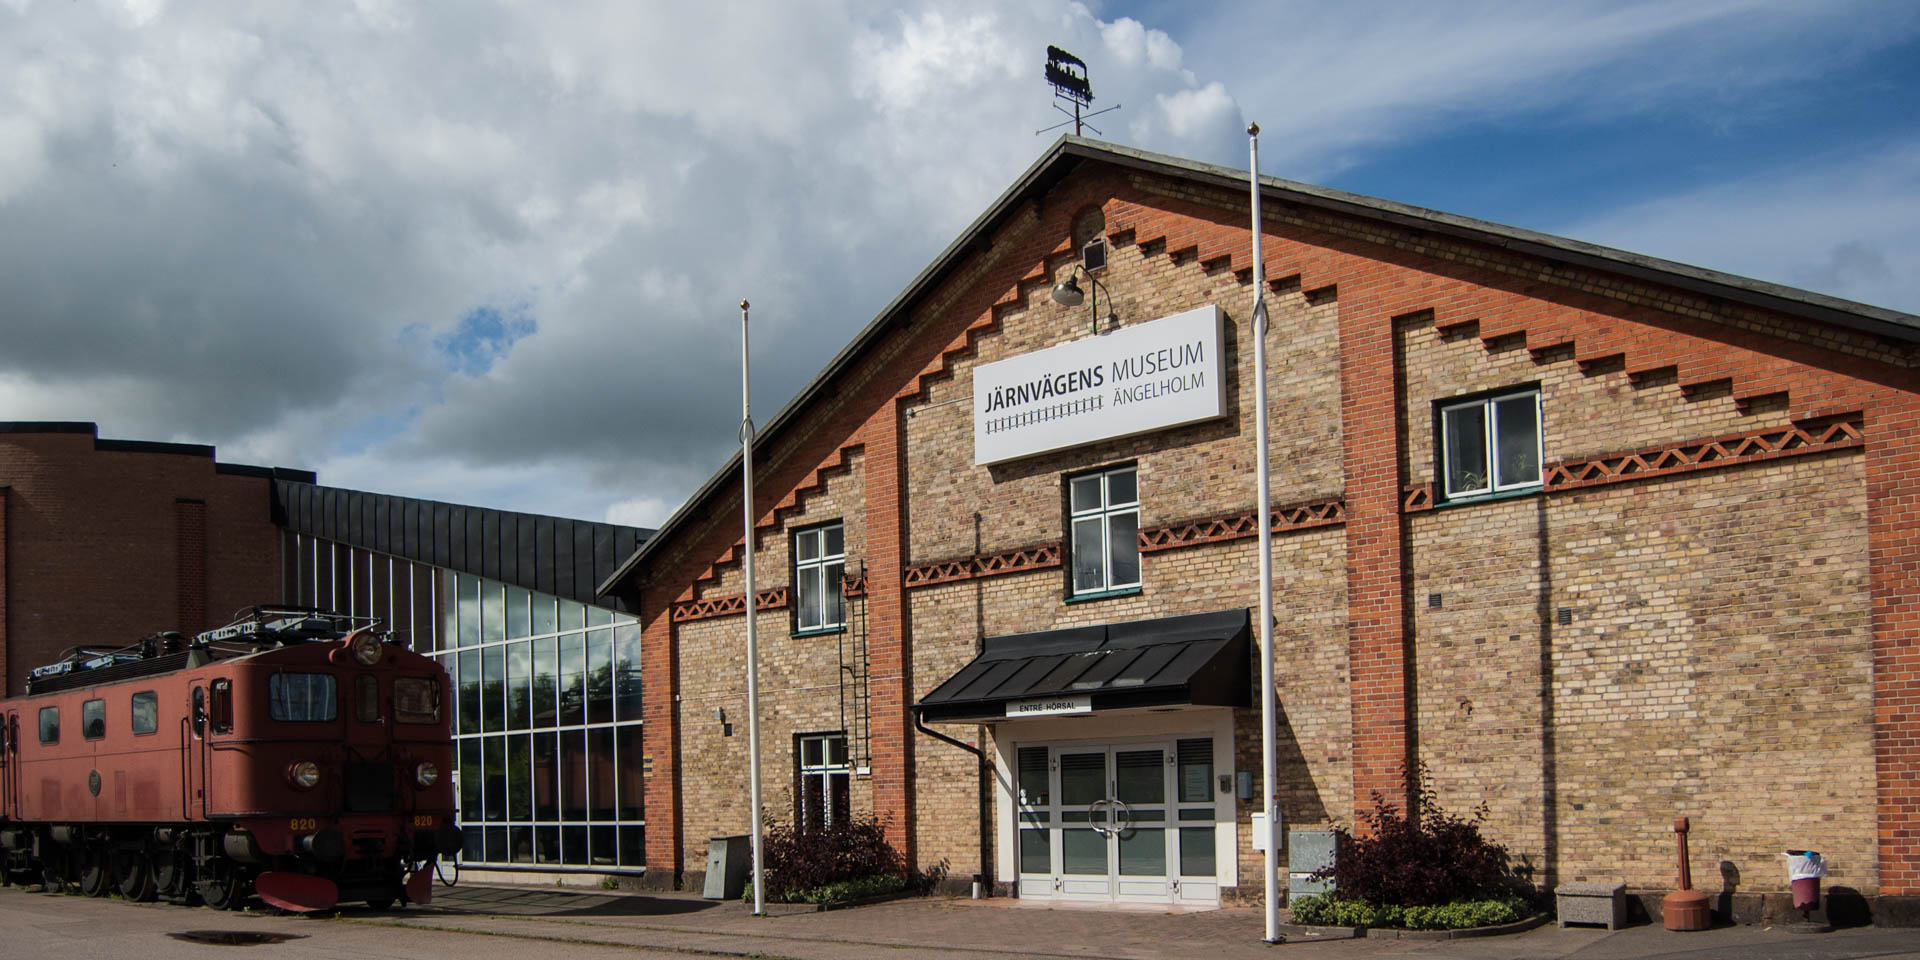 Järnvägens Museum Ängelholm 2015